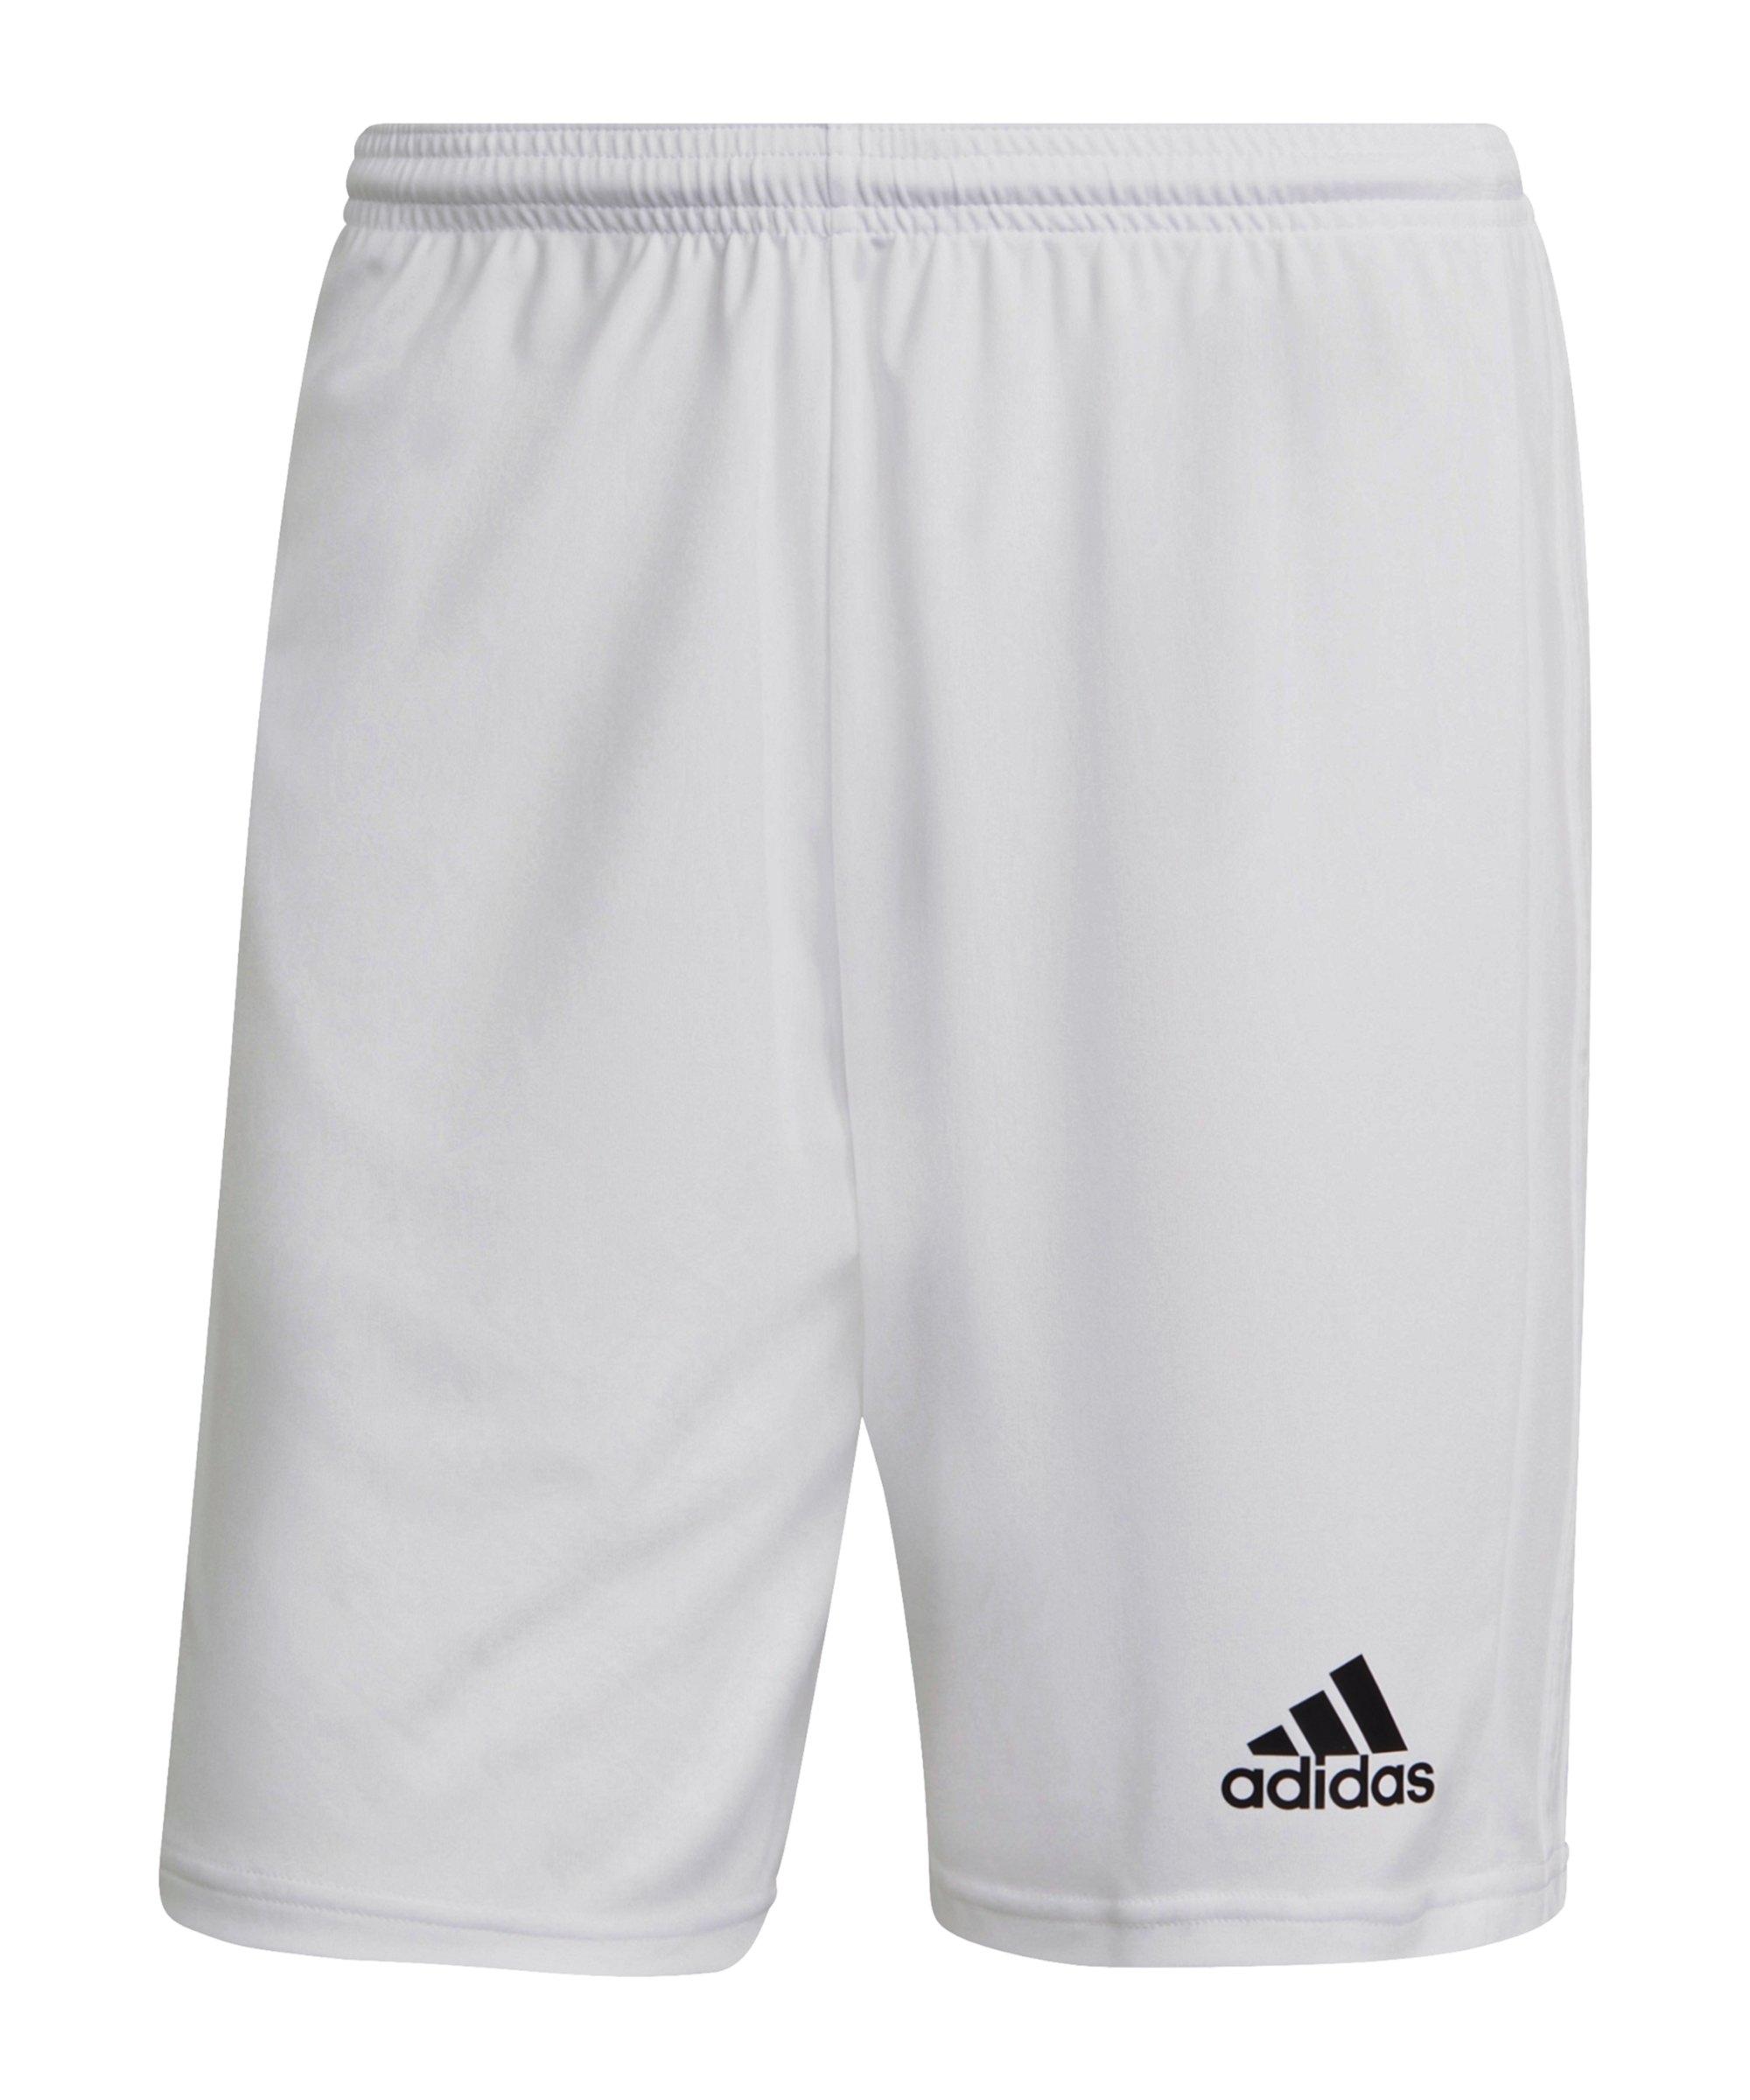 adidas Squadra 21 Short Weiss - weiss